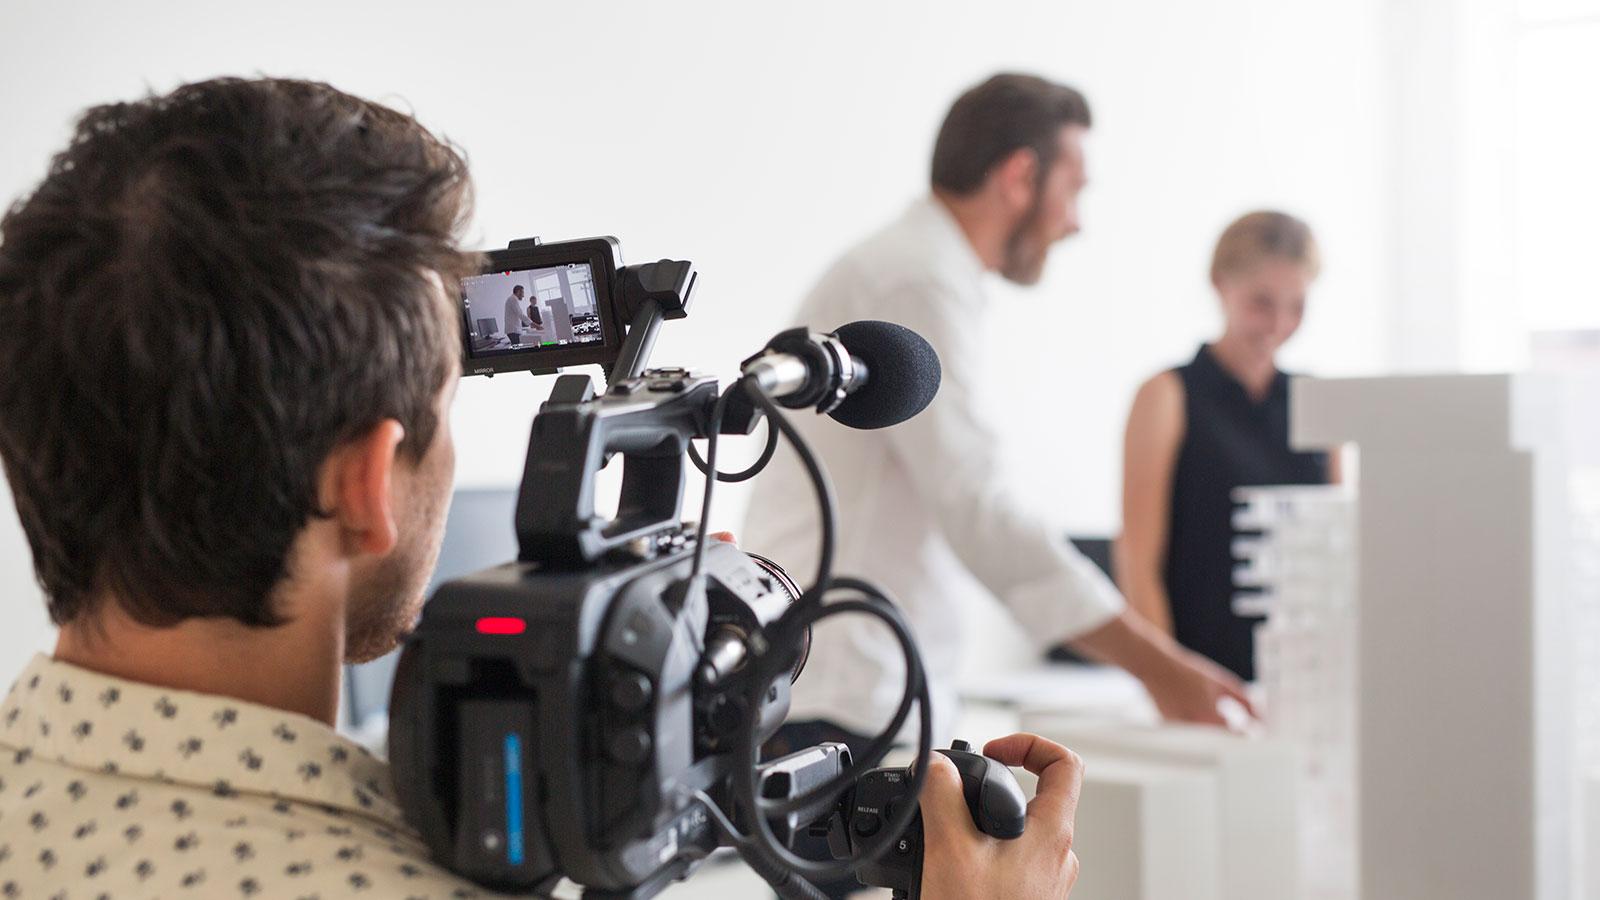 conteudo - 5 ideias de conteúdo em vídeo para inspirar o marketing da sua empresa